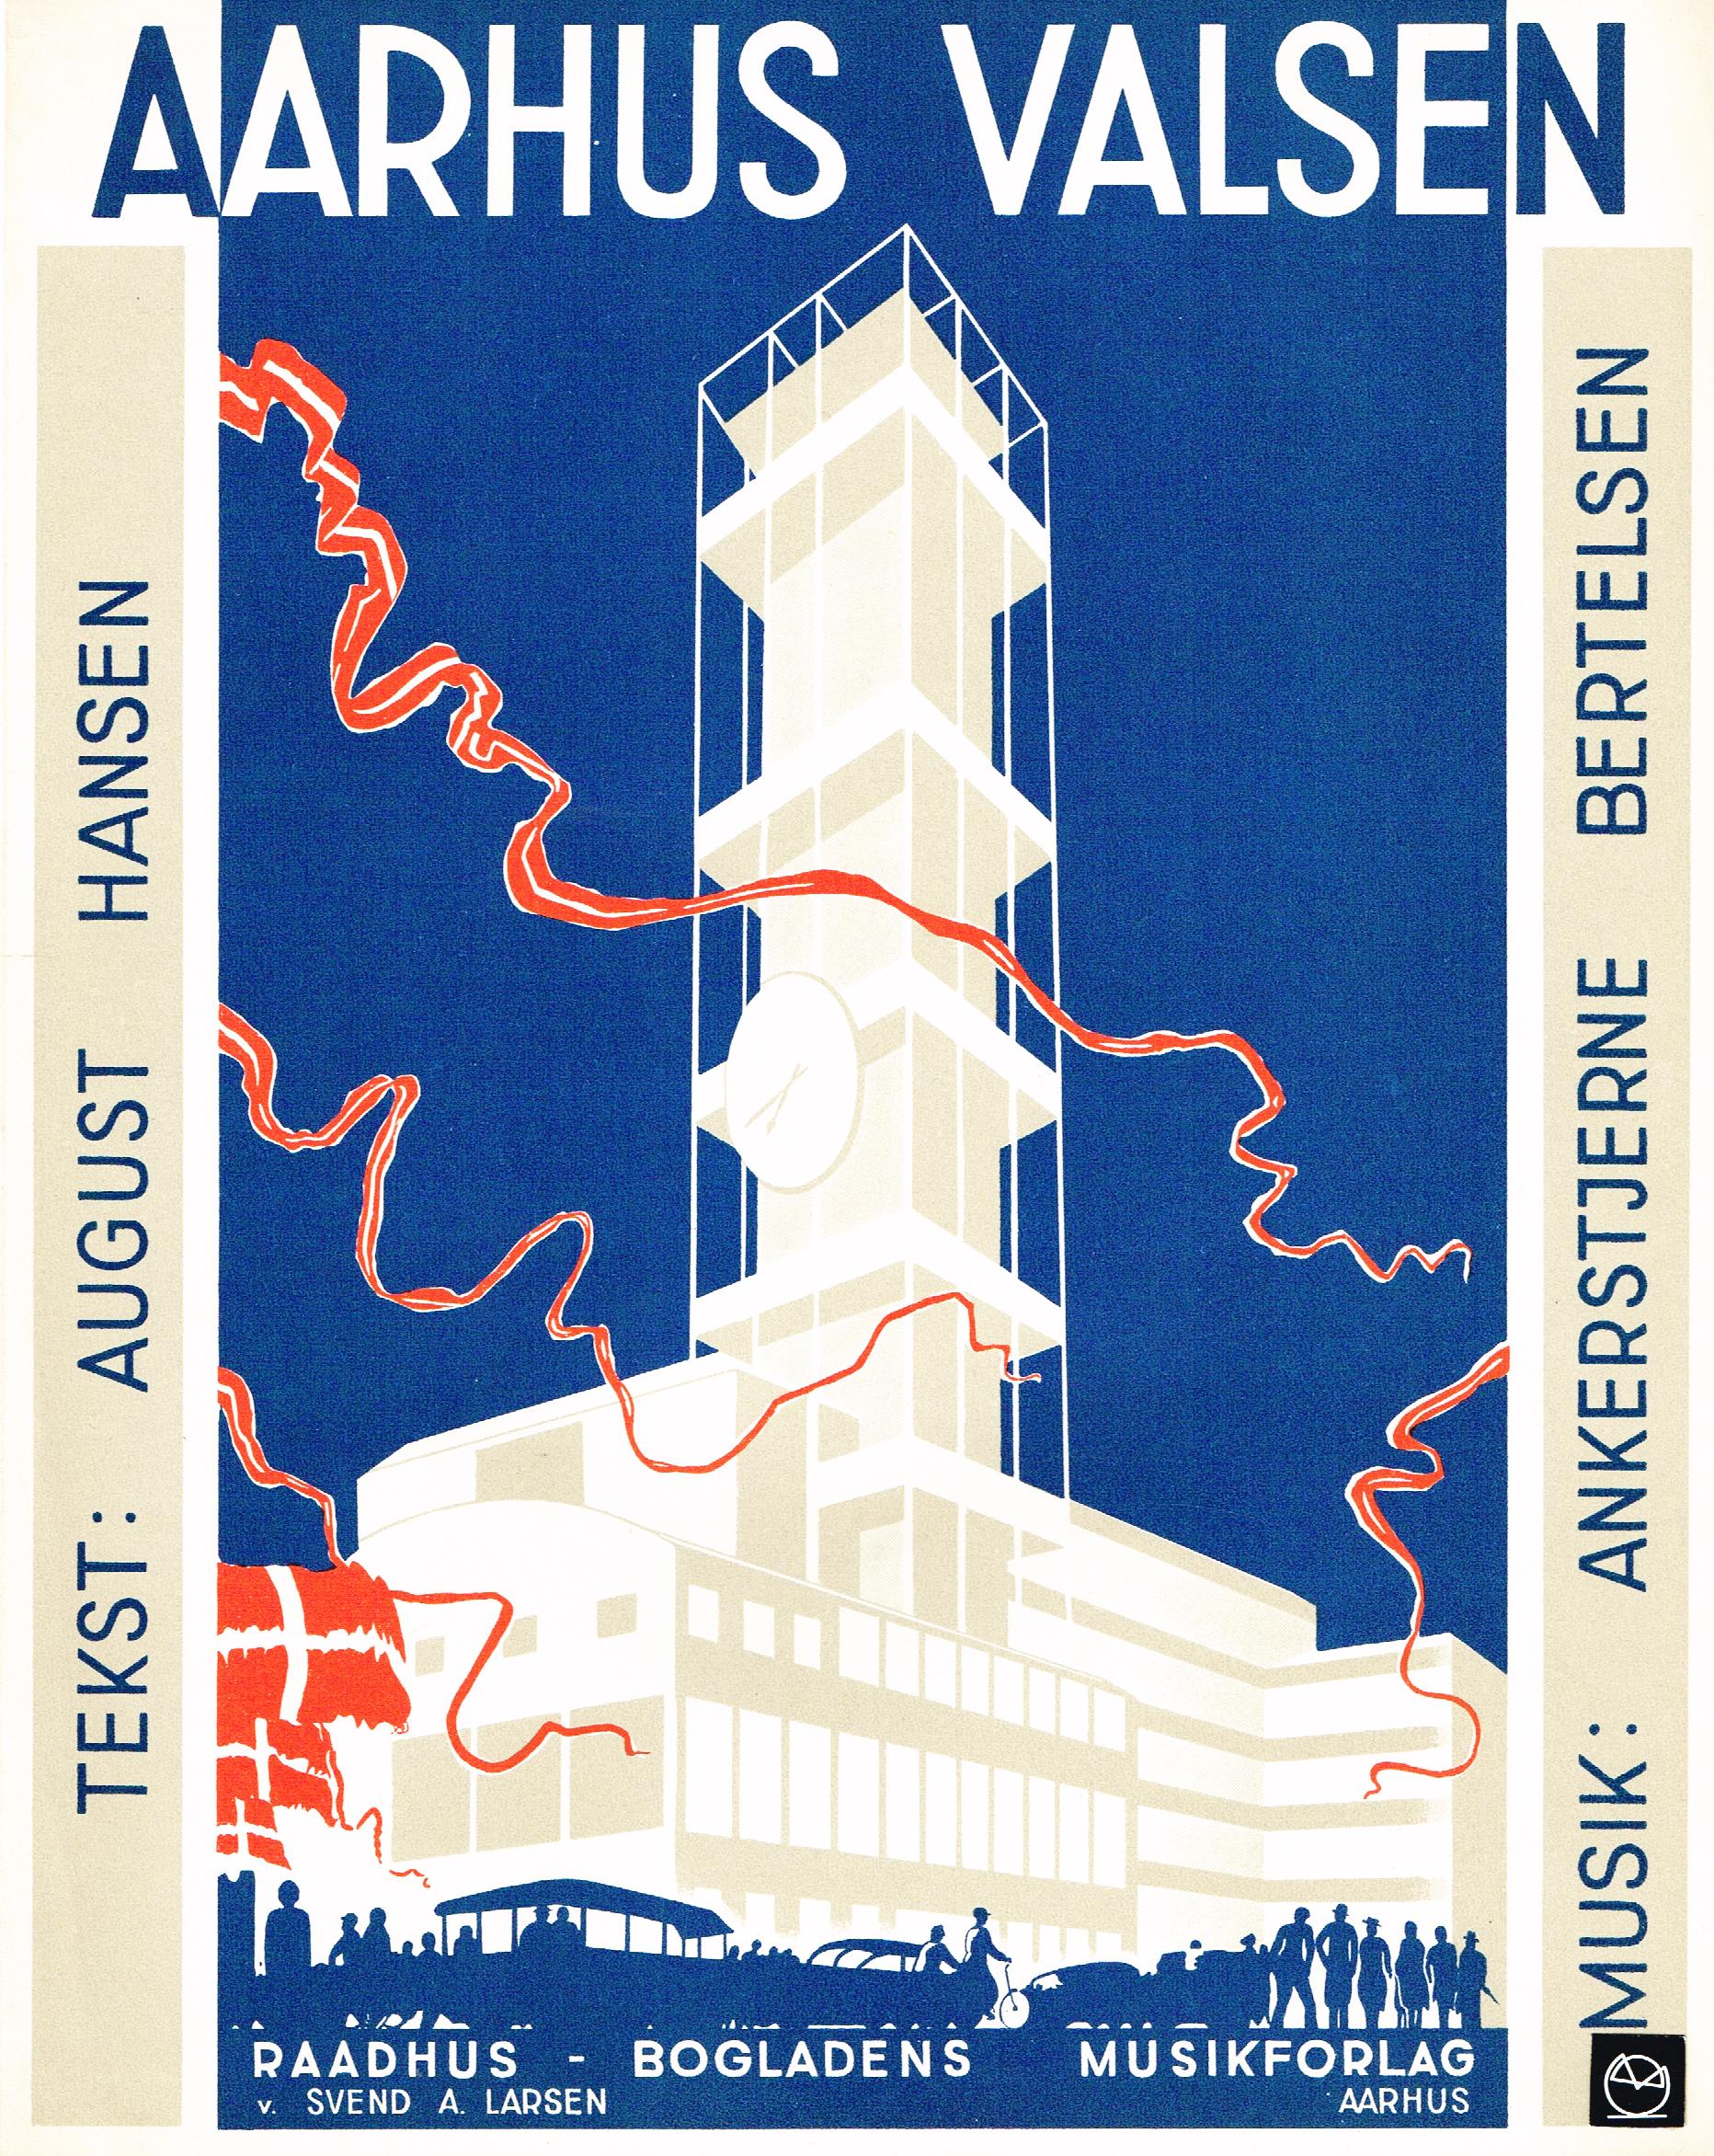 Aarhus Rådhus - Raadhus Bogladens Musikforlag - Boghandler Svend A. Larsen